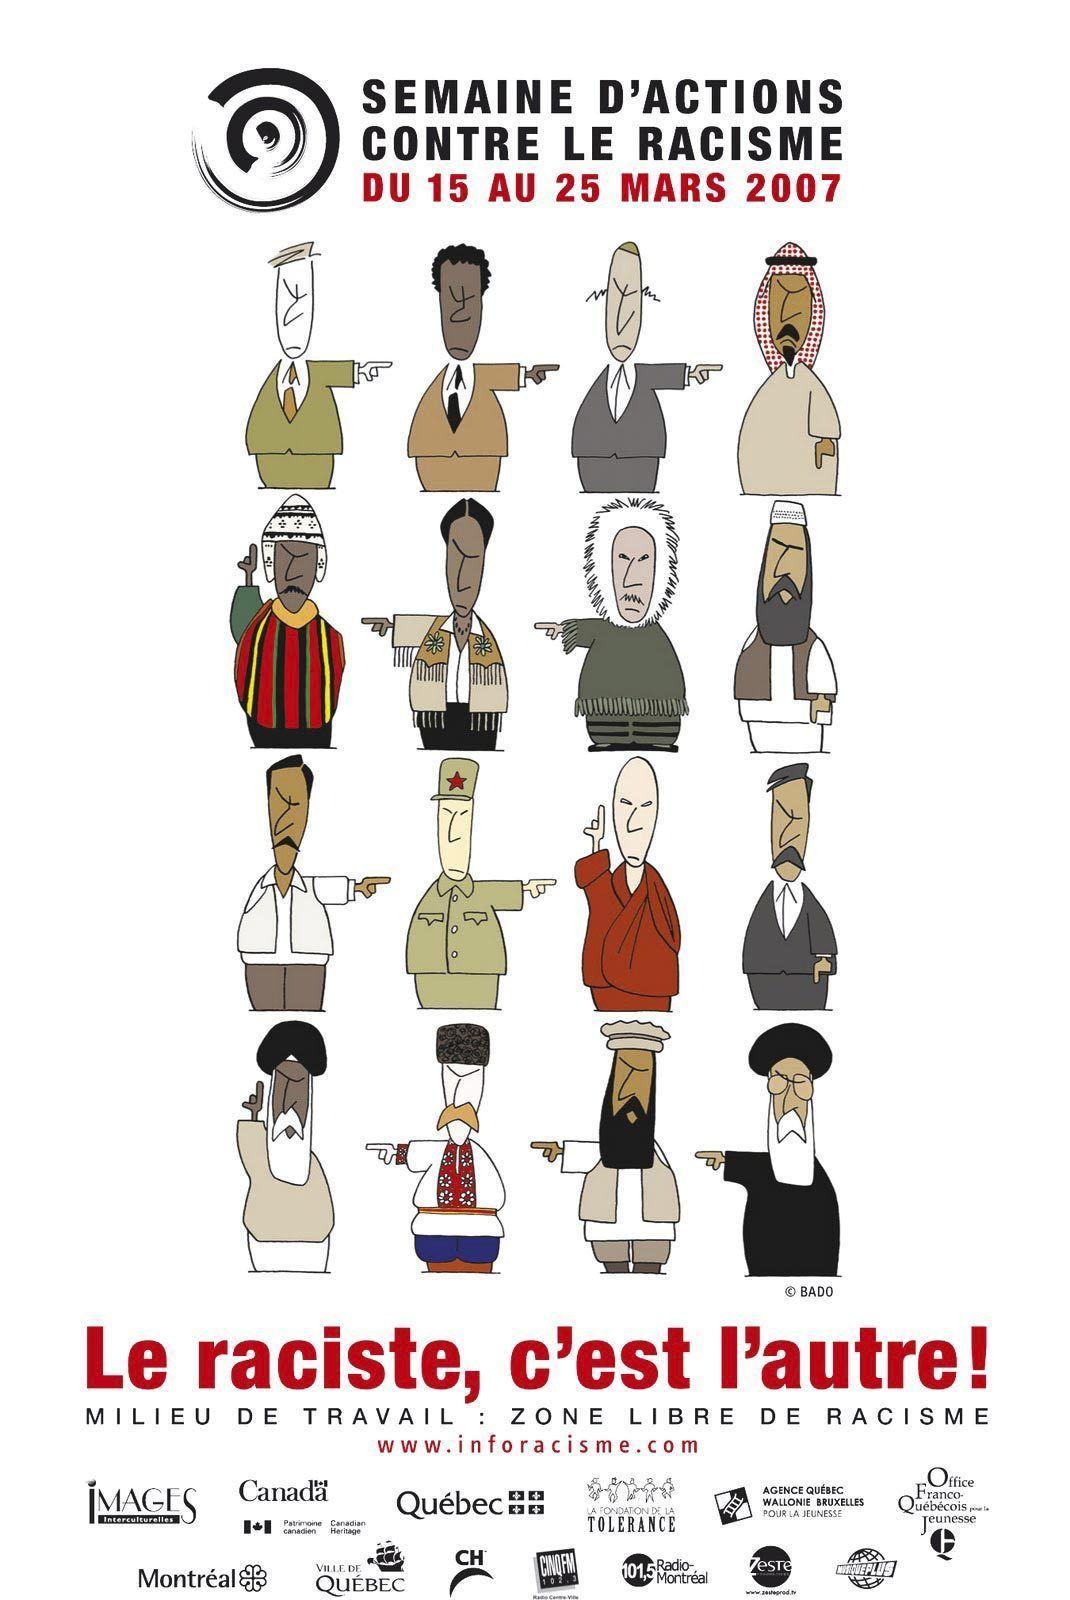 Affiche pour la Semaine d'actions contre le racisme